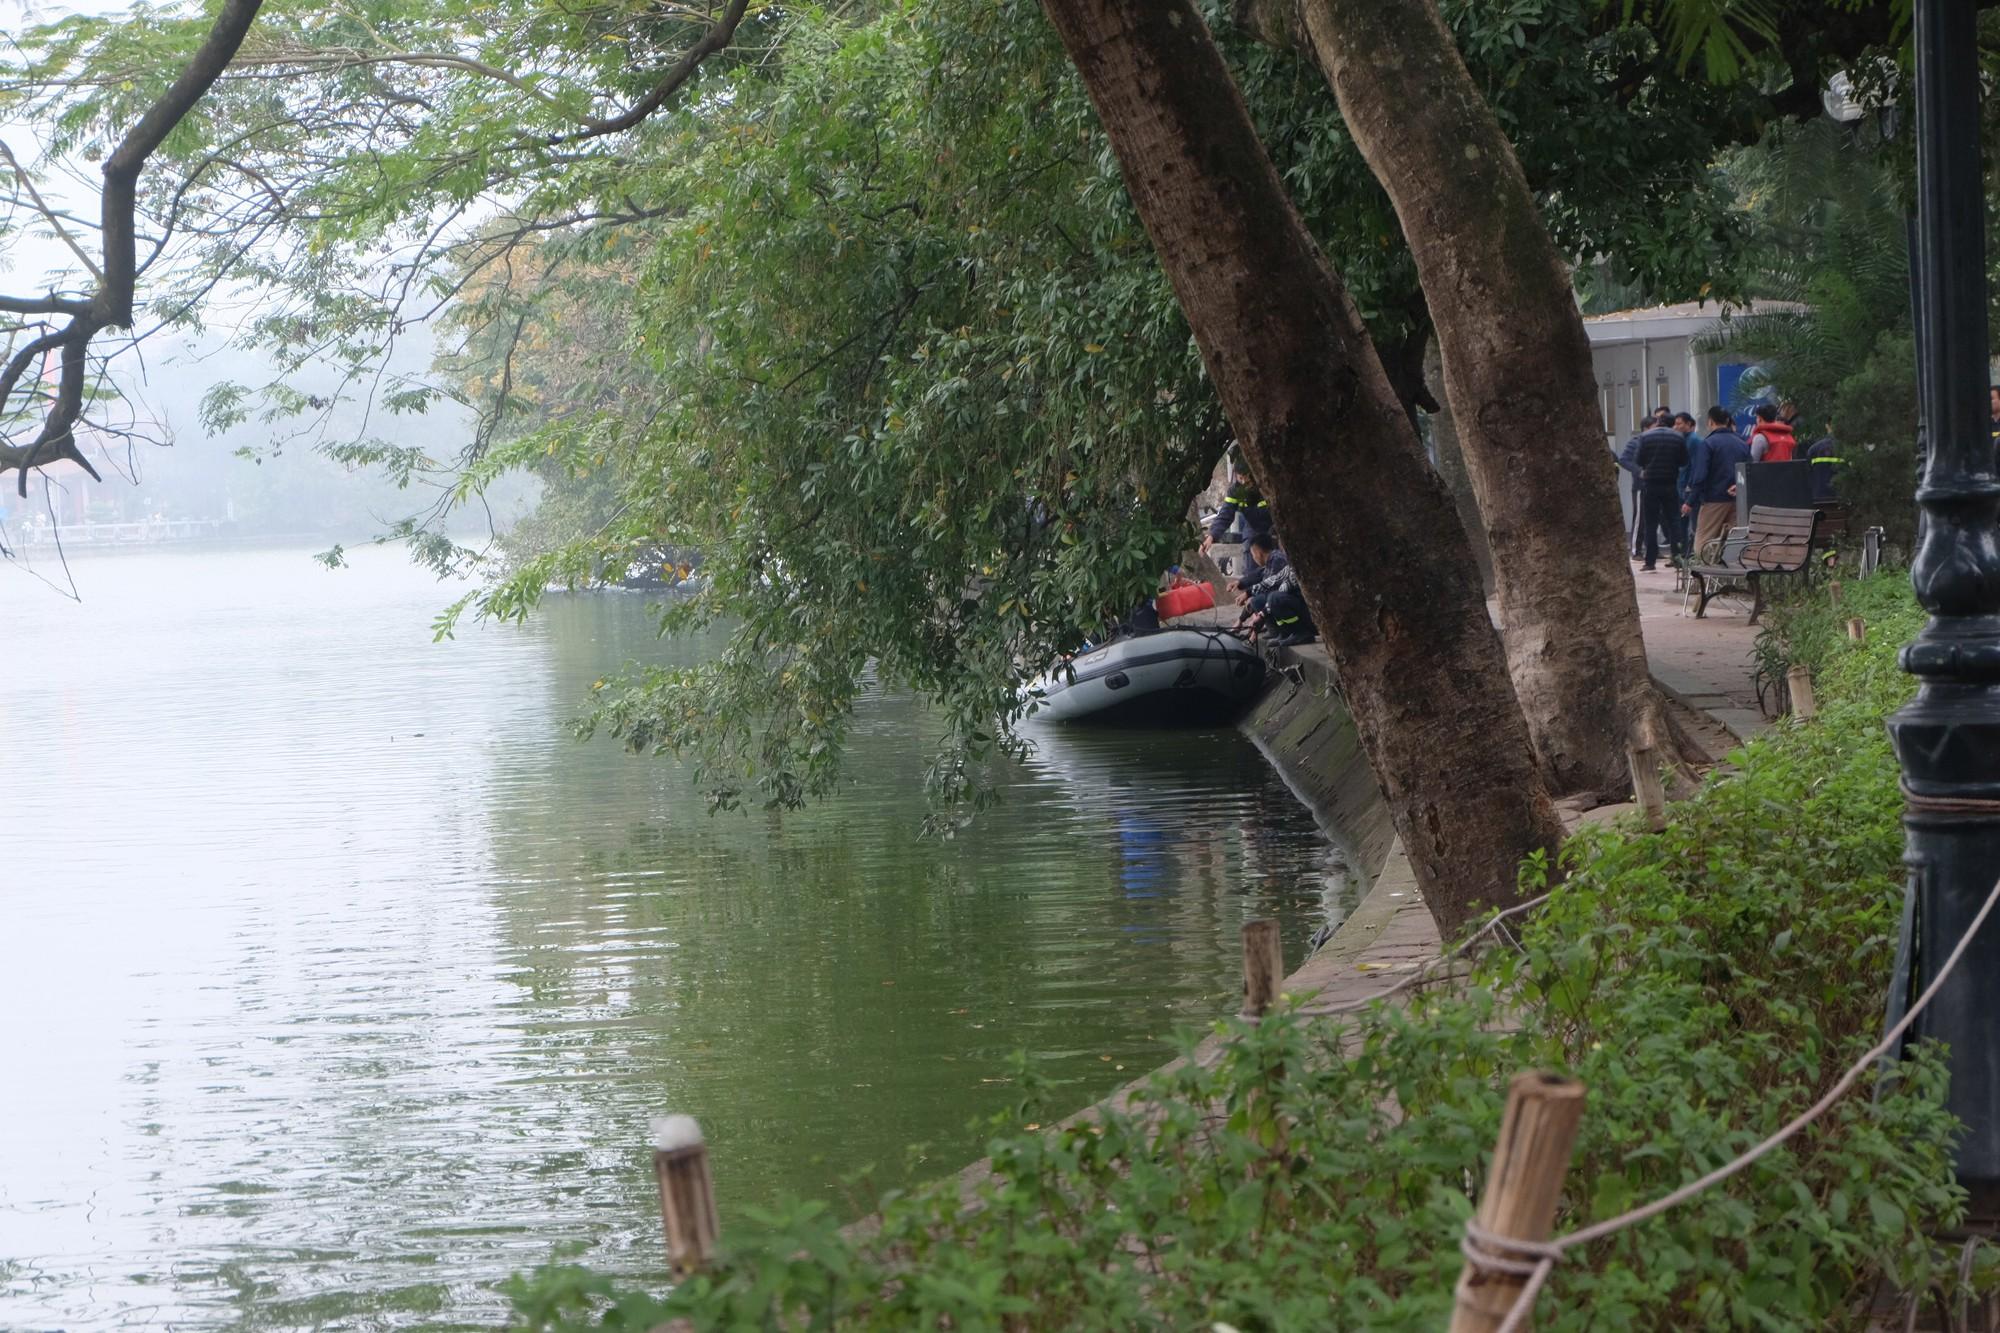 Hà Nội: Người đàn ông trung niên đuối nước ở hồ Gươm khi cố tình bơi ra tháp rùa - Ảnh 4.